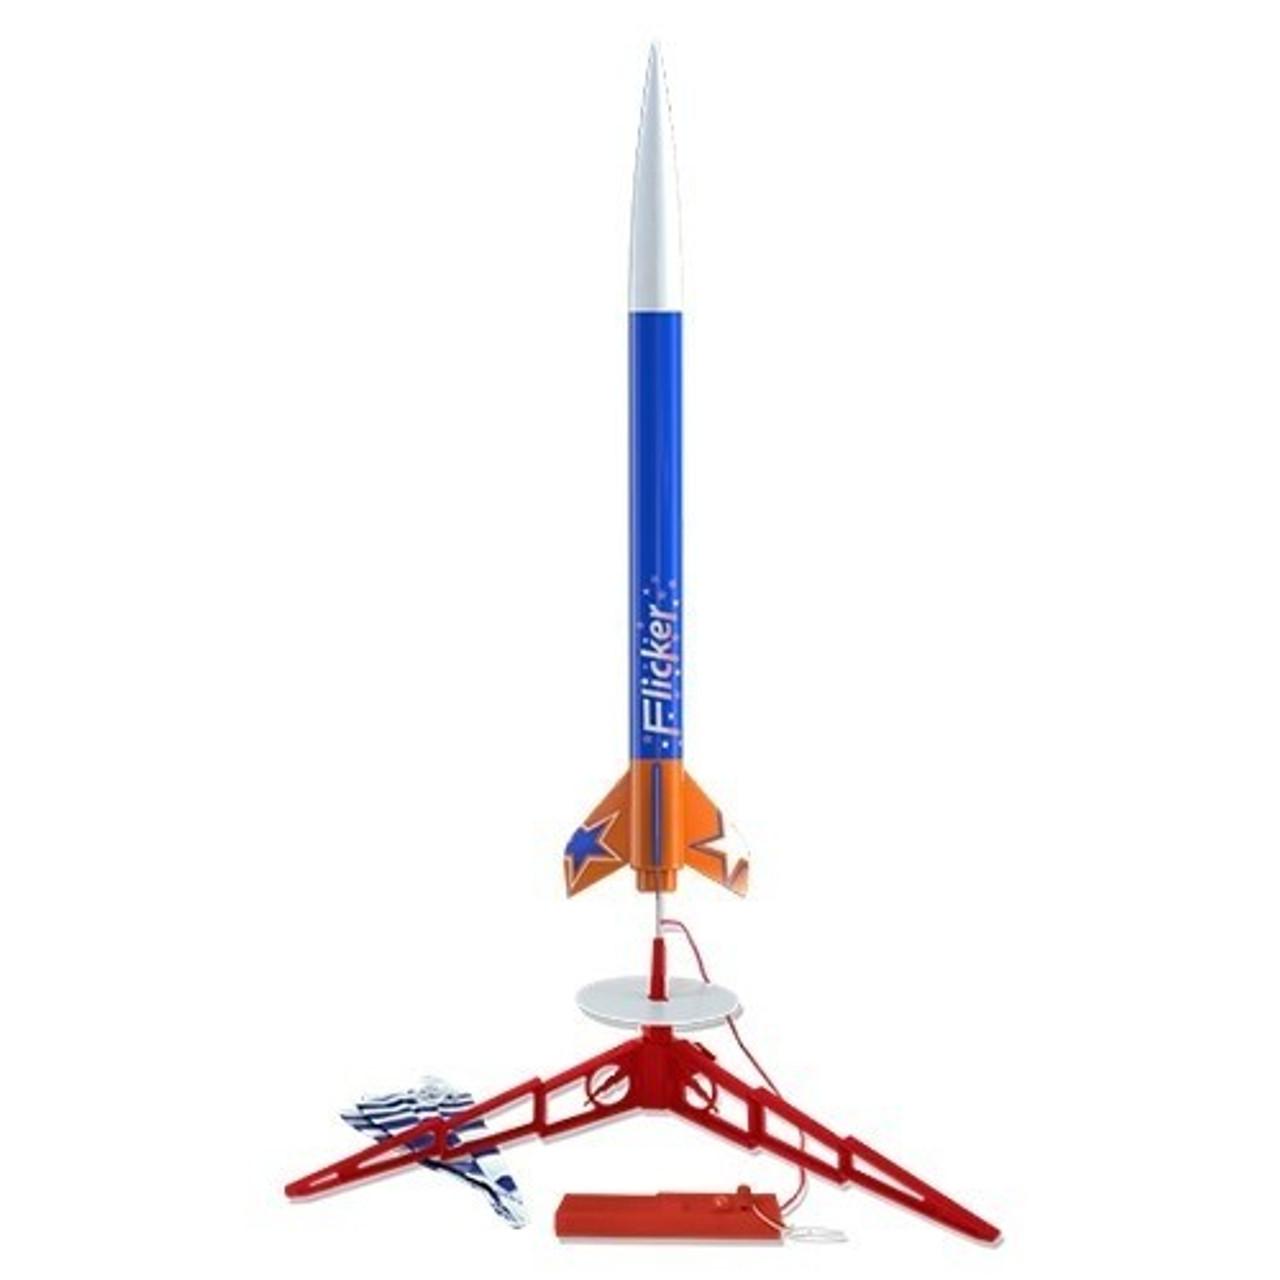 EST-1437  Flicker Model Rocket Launch Set (Skill Level 2)